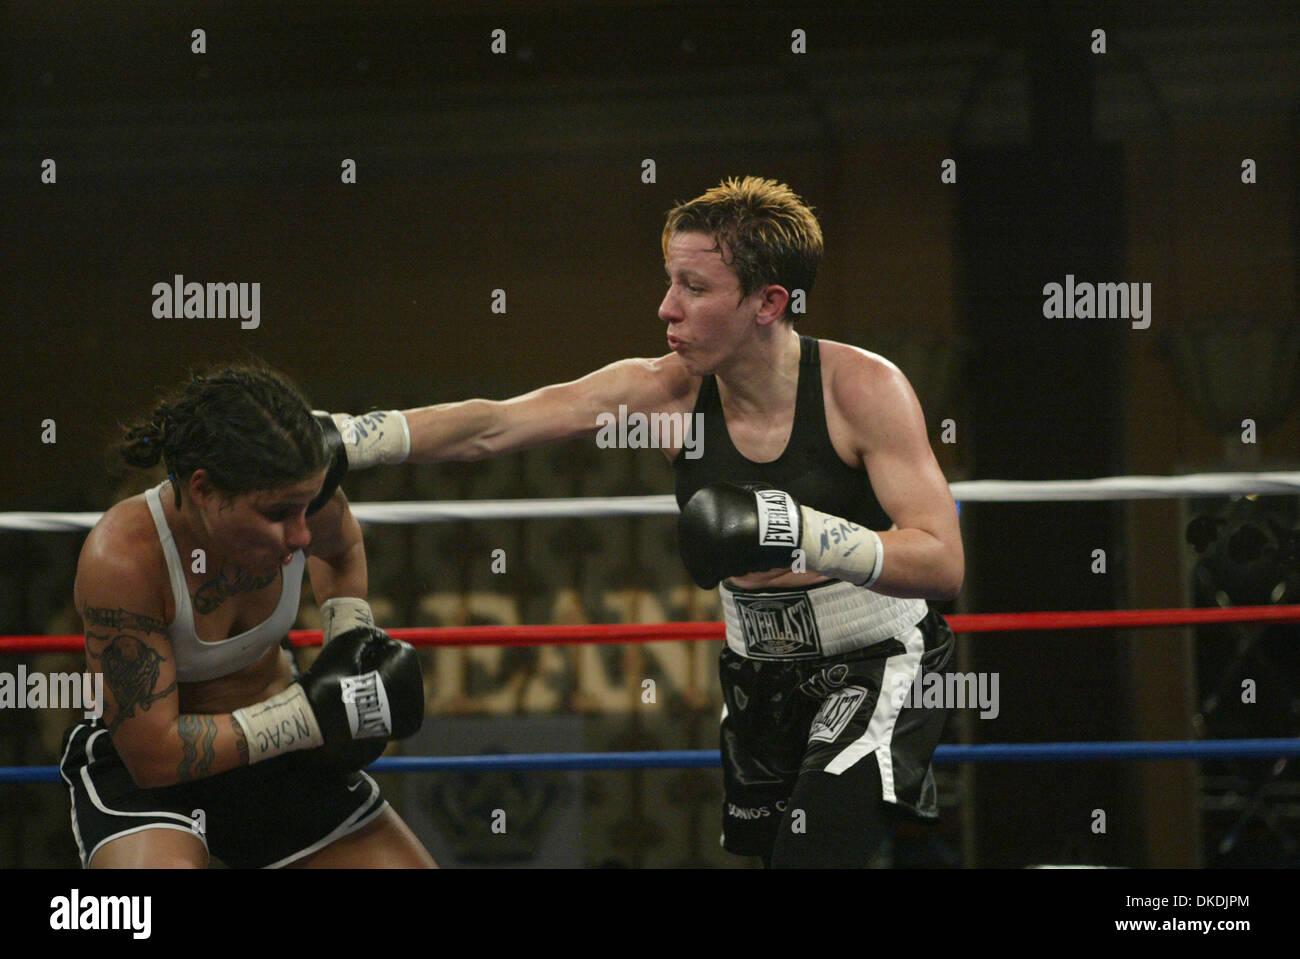 Amateur boxing union